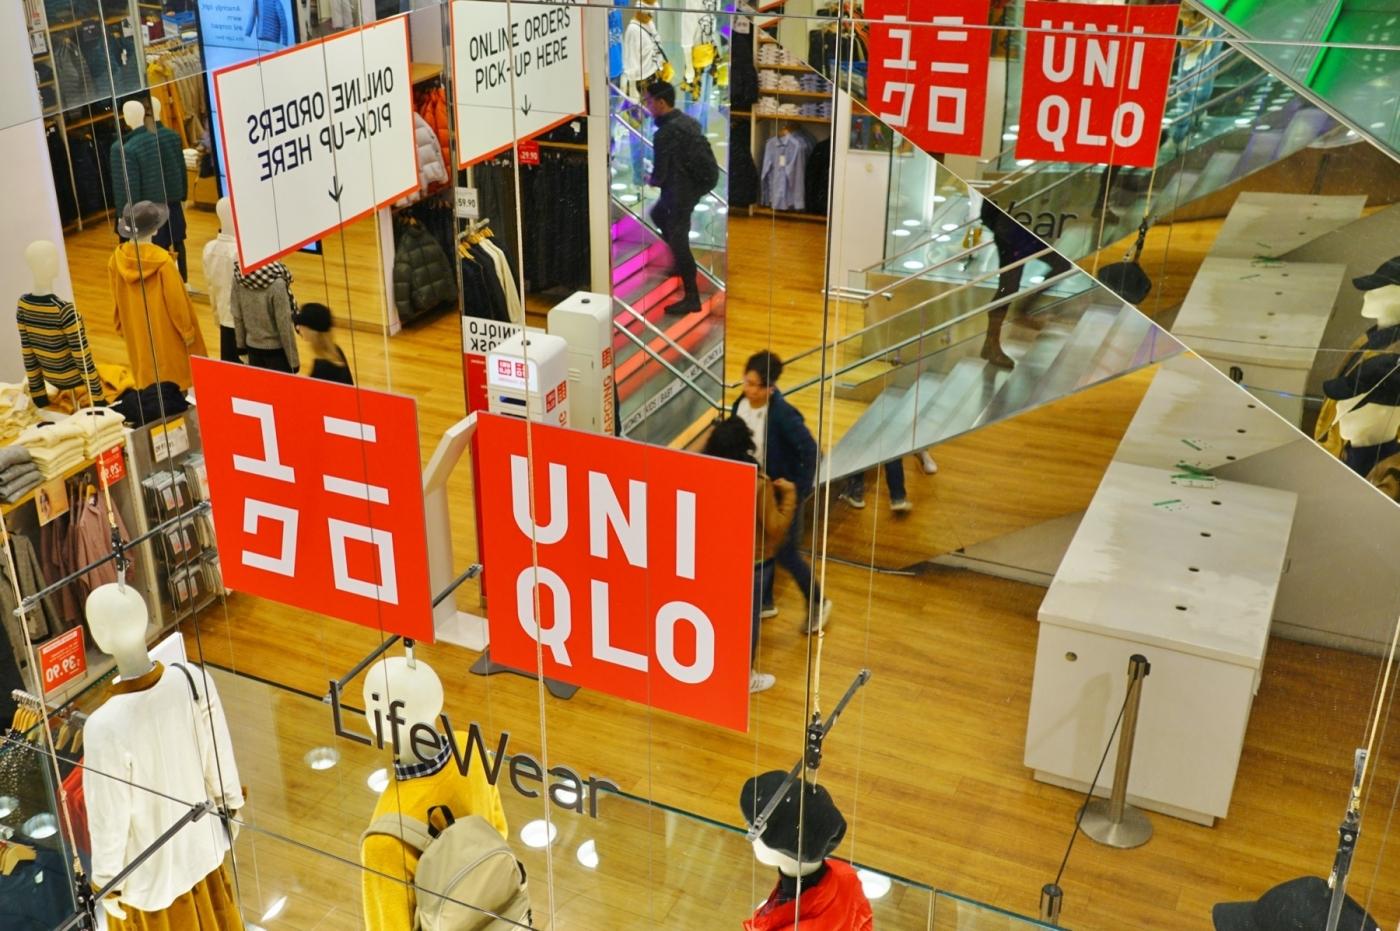 網路商城就是最大旗艦店!UNIQLO靠兩招串聯線上線下,盼電商營收翻三倍